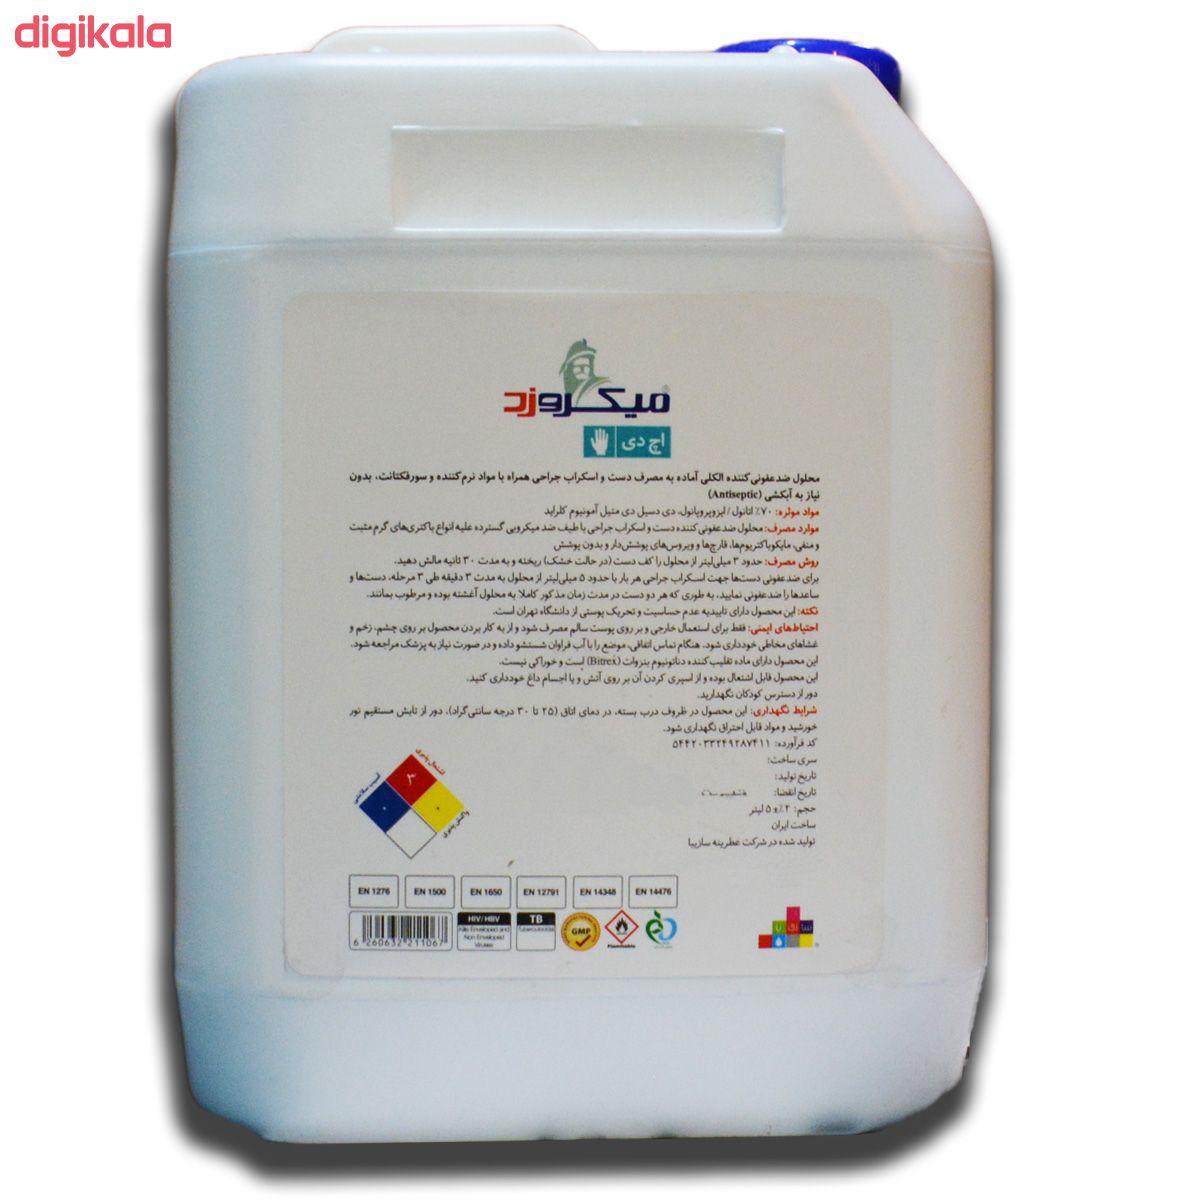 محلول ضدعفونی کننده دست میکروزد سری HD حجم 5000 میلیلیتر main 1 1